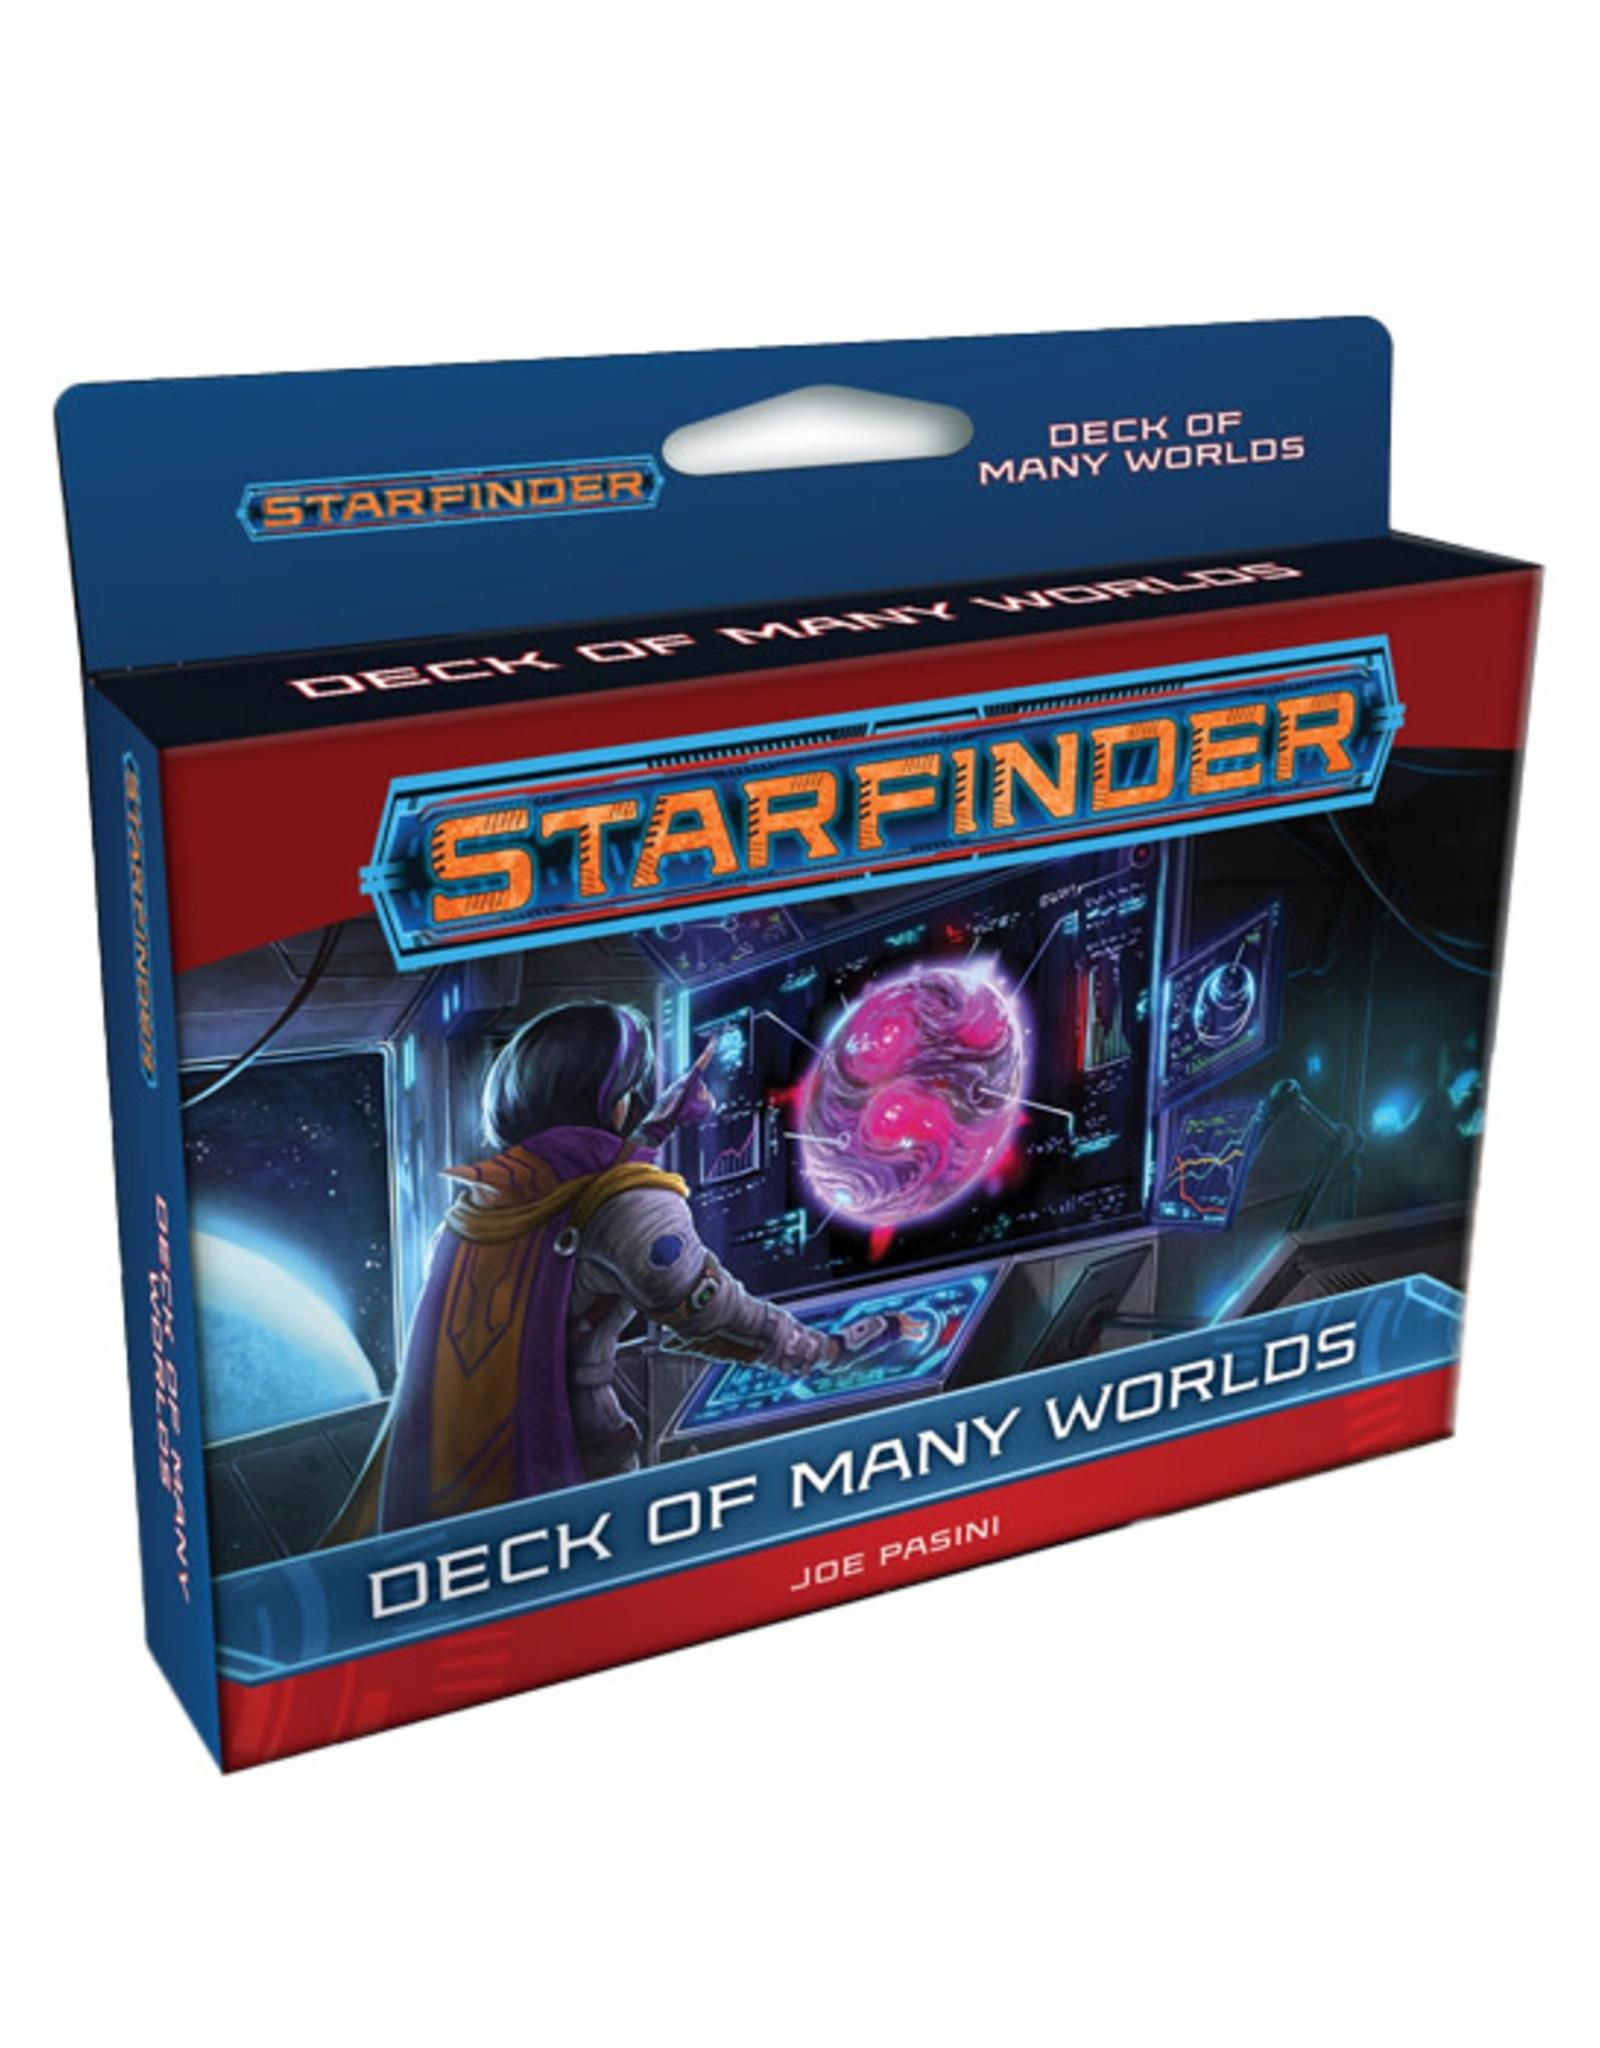 Starfinder Starfinder: Deck of Many Worlds